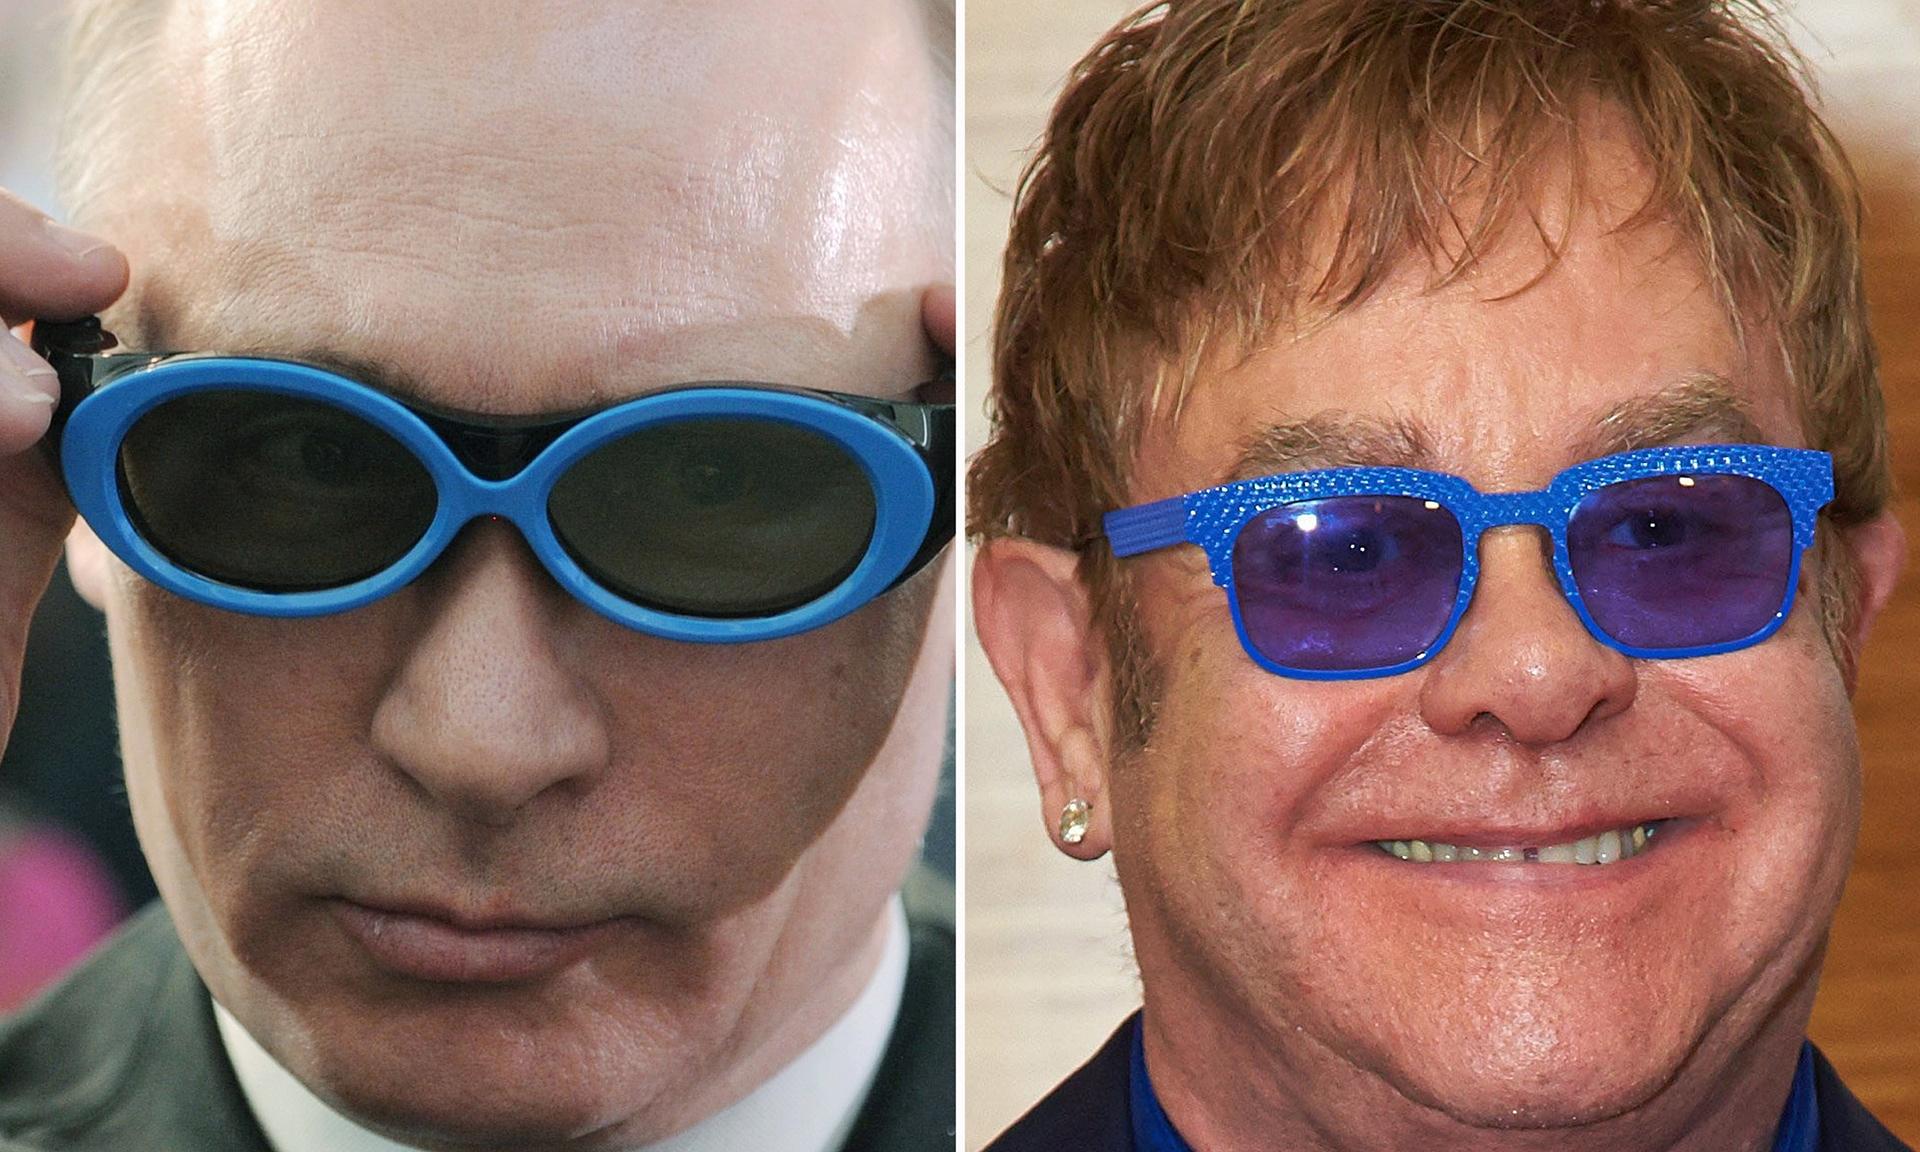 Владимир Путин позвонил Элтону Джону чтобы обсудить проблему секс-меньшинств